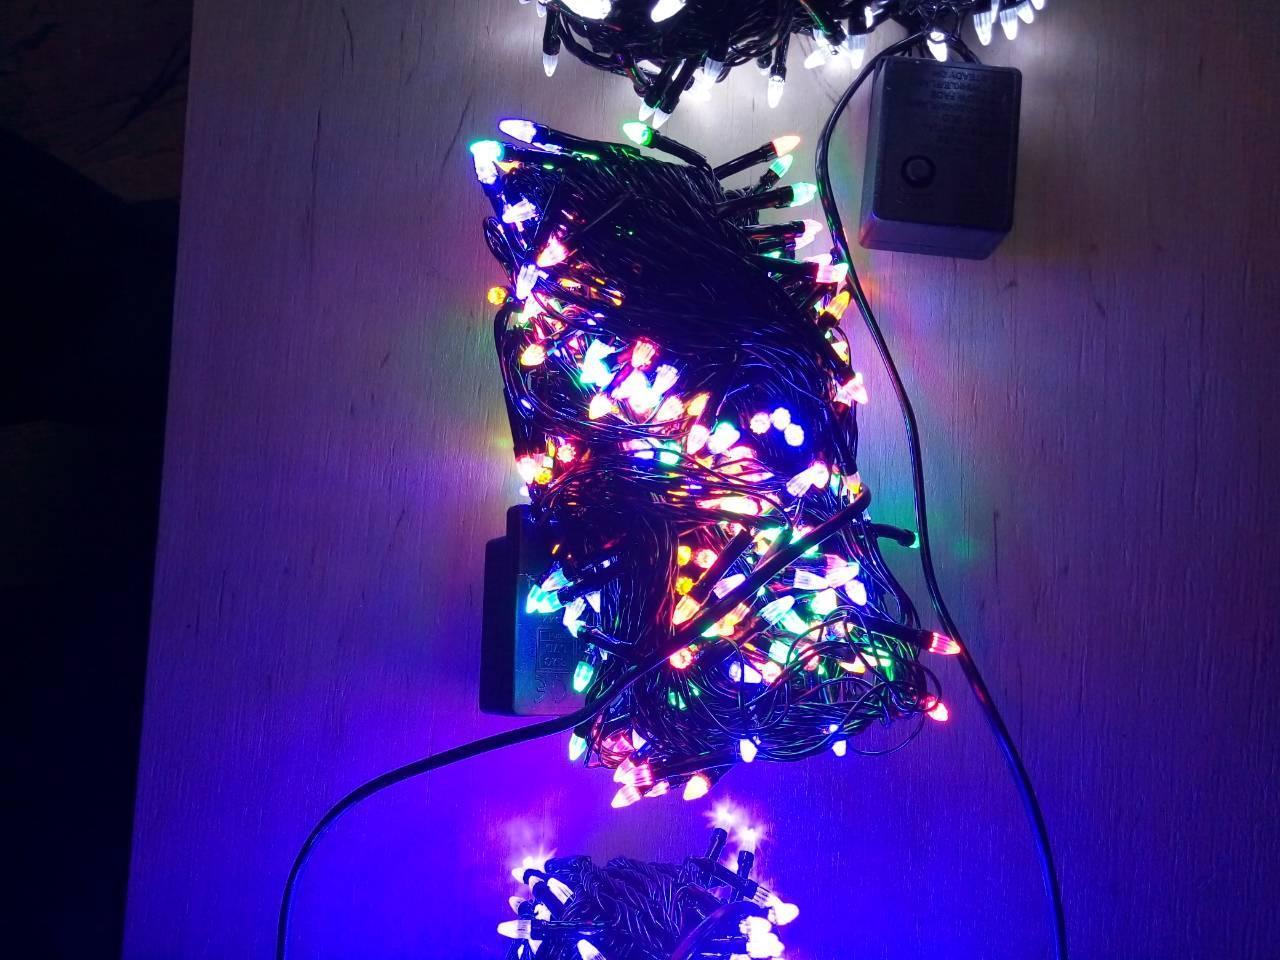 Новорічна світлодіодна гірлянда КОНУС 200LED 13м мультиколор